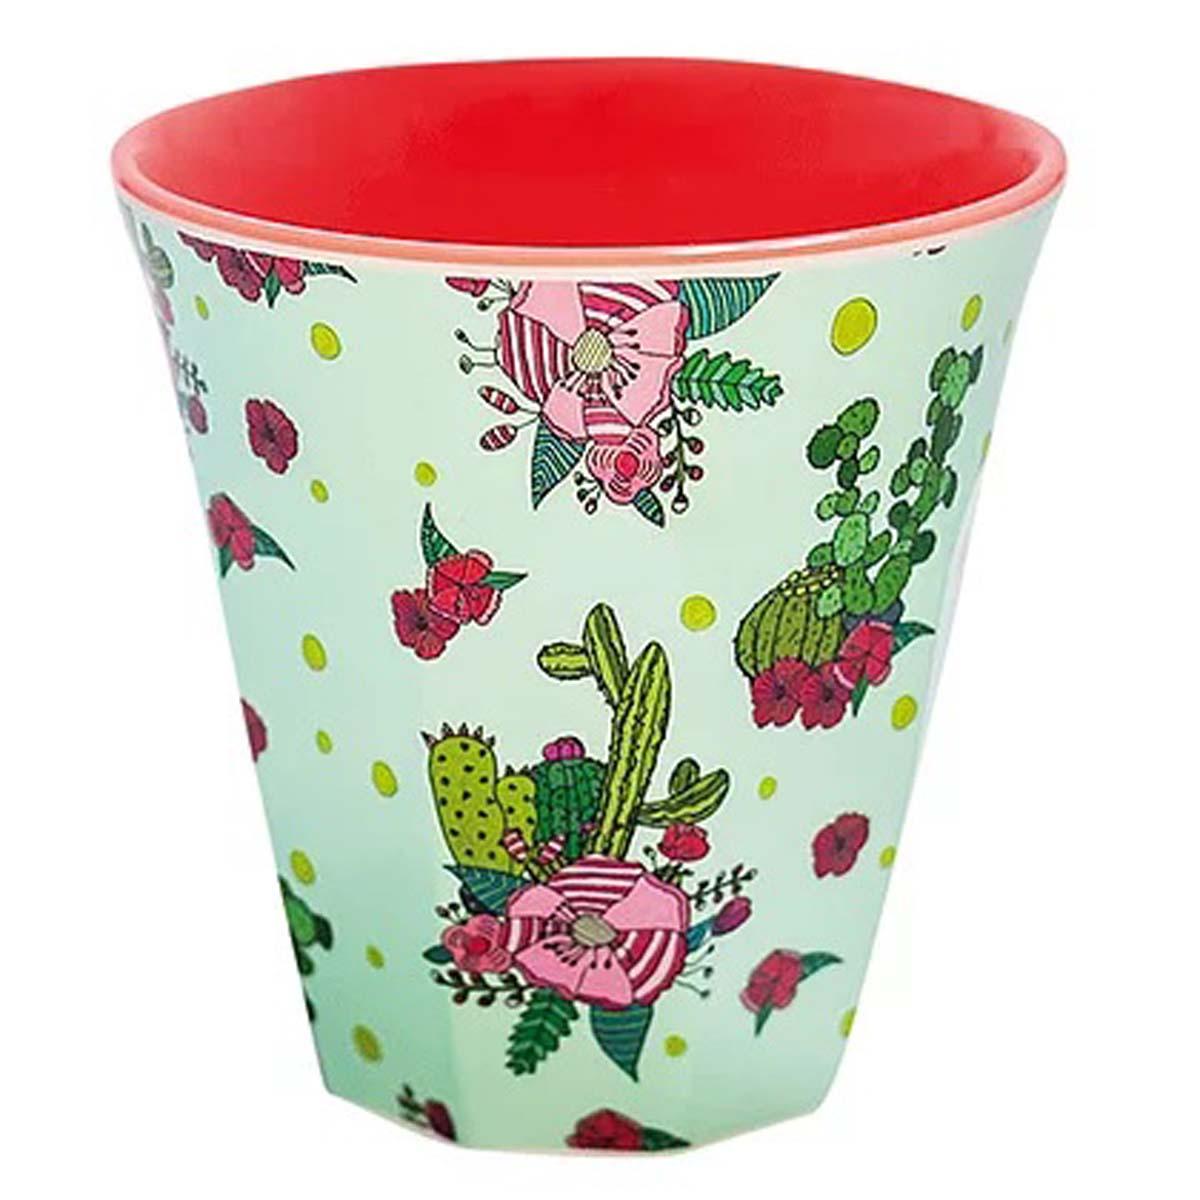 Gobelet mélamine \'Saperlipopette\' vert rouge (cactus) - 75x75 cm - [R0629]